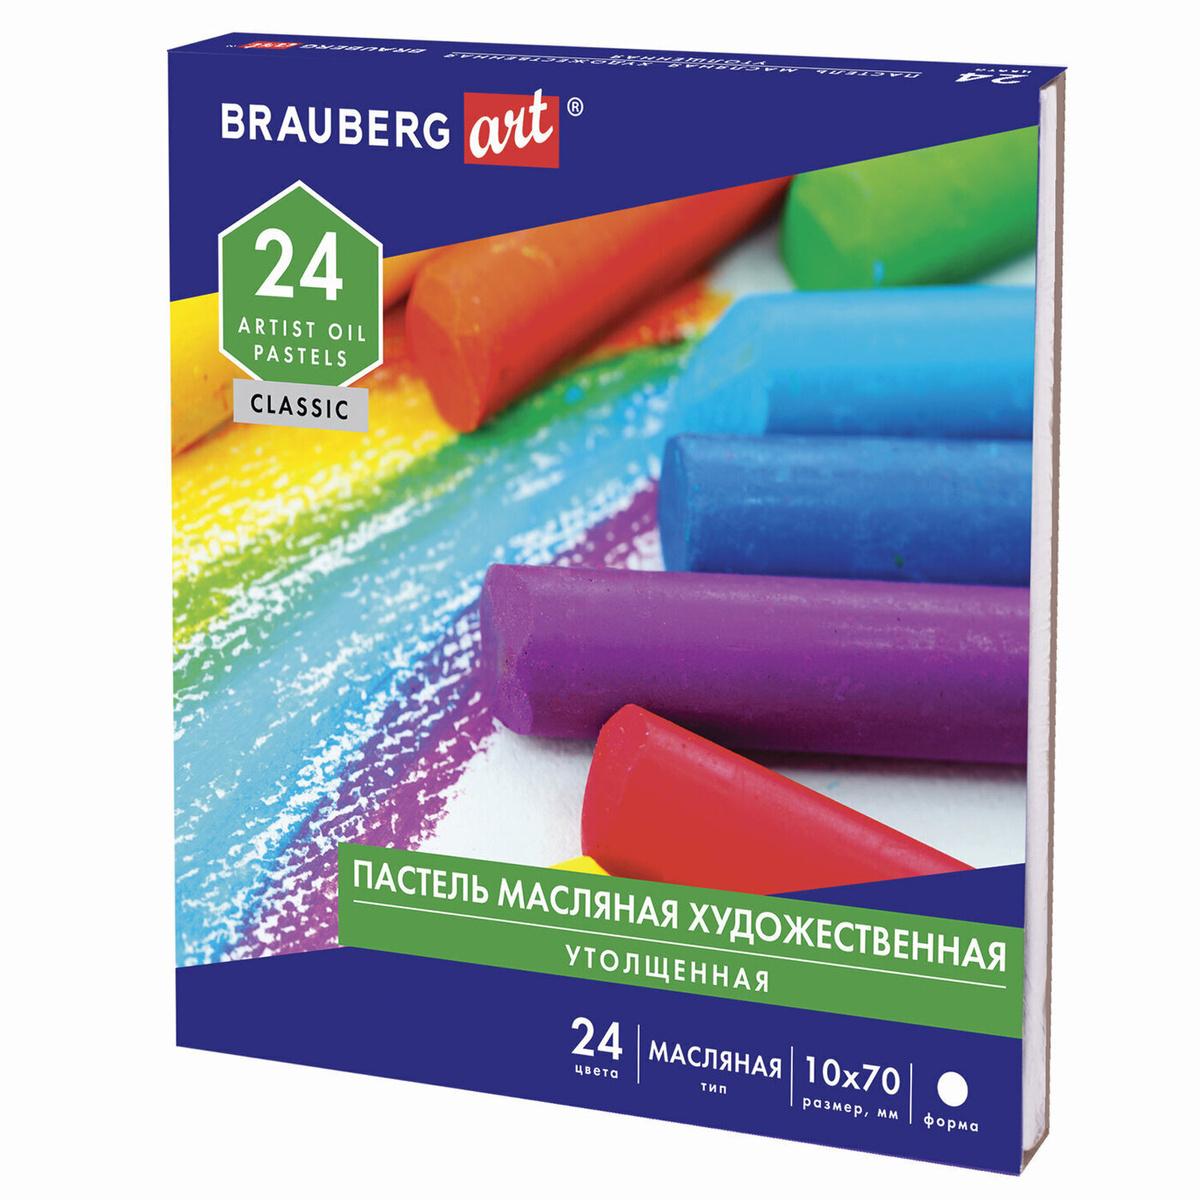 """Пастель масляная художественная для рисования Brauberg Art """"Classic"""", набор 24 цвета, утолщенная, круглое #1"""